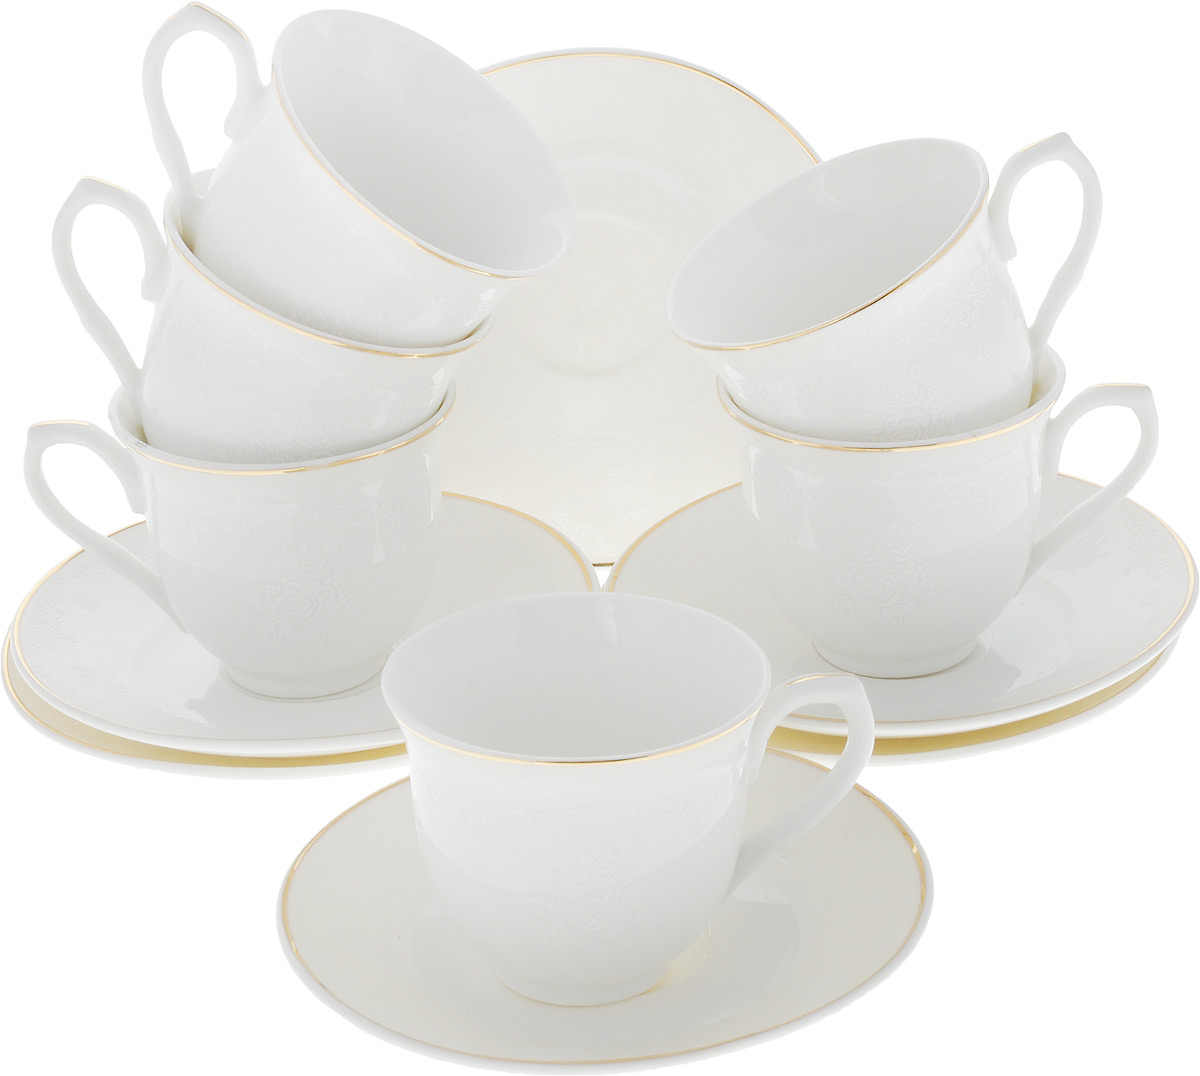 Сервиз кофейный Loraine, 12 предметов. 26438115510Кофейный сервиз Loraine на 6 персон выполнен из высококачественного костяного фарфора - материала, безопасного для здоровья и надолго сохраняющего тепло напитка. В наборе 6 кофейных чашек и 6 блюдец. Несмотря на свою внешнюю хрупкость, каждый из предметов набора обладает высокой прочностью и надежностью. Элегантный классический дизайн с тонкой золотой каймой делает этот кофейный набор прекрасным украшением любого стола. Блюдца и внешние стенки чашек дополнены изысканным рельефом. Набор аккуратно упакован в подарочную коробку, поэтому его можно преподнести в качестве оригинального и практичного подарка для своих родных и самых близких.Объем чашки: 80 мл. Диаметр чашки (по верхнему краю): 6 см. Высота чашки: 5,5 см. Диаметр блюдца: 11 см.